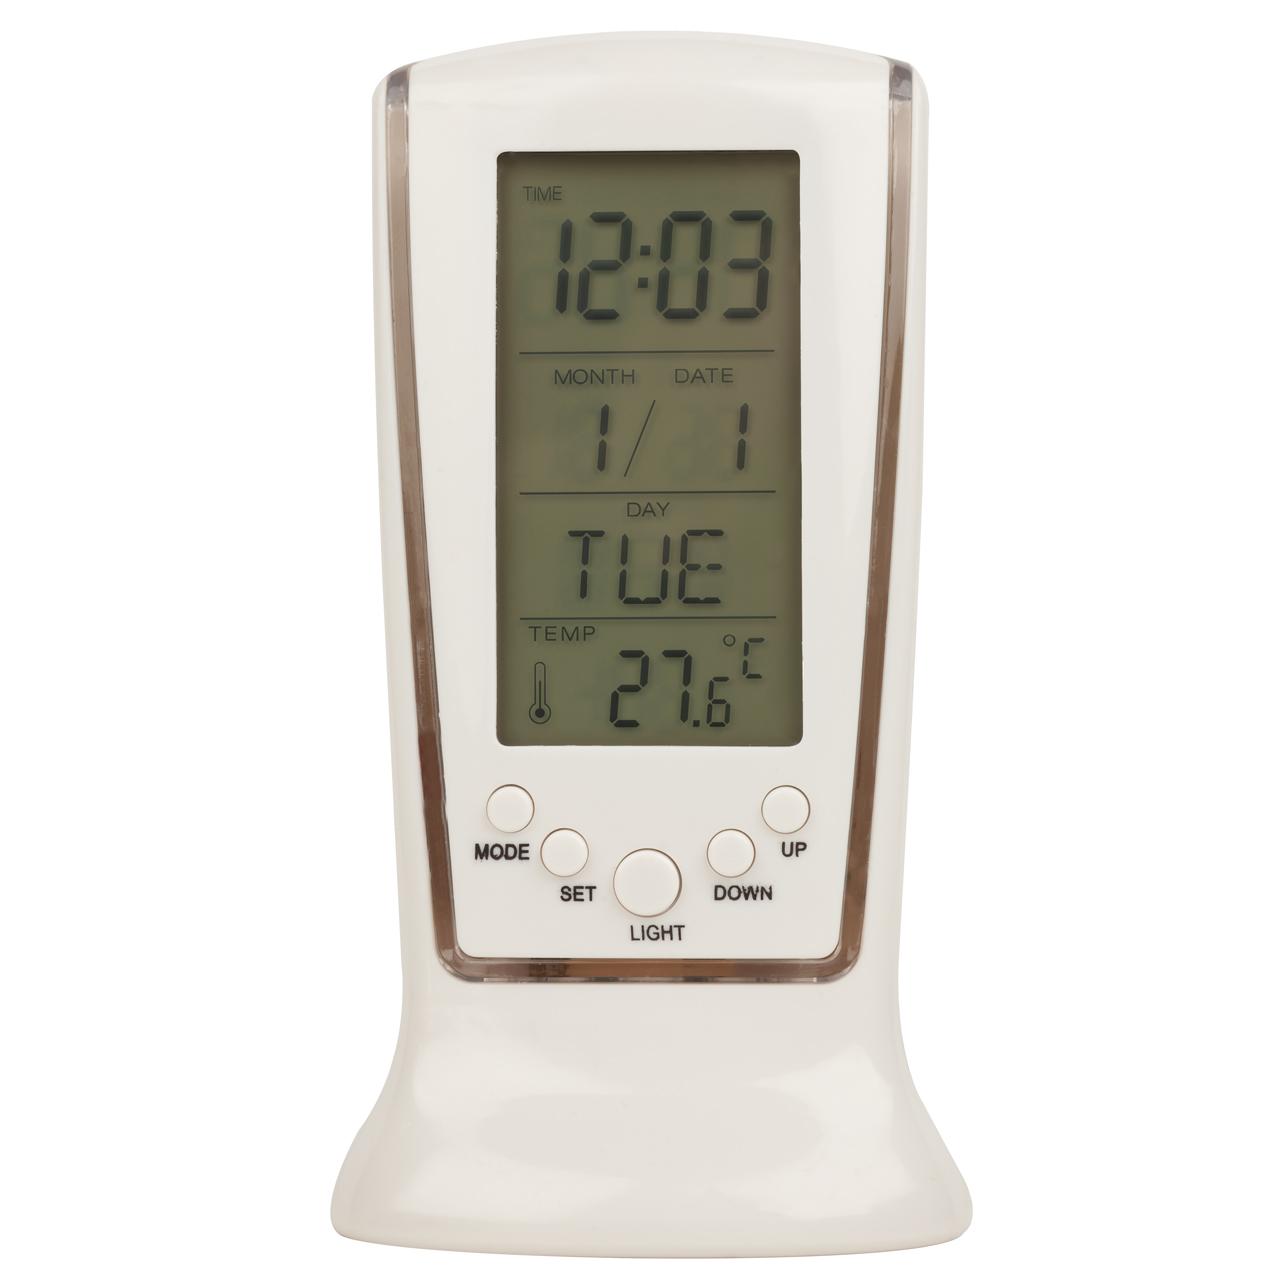 خرید ساعت رومیزی مدل Square Clock 510